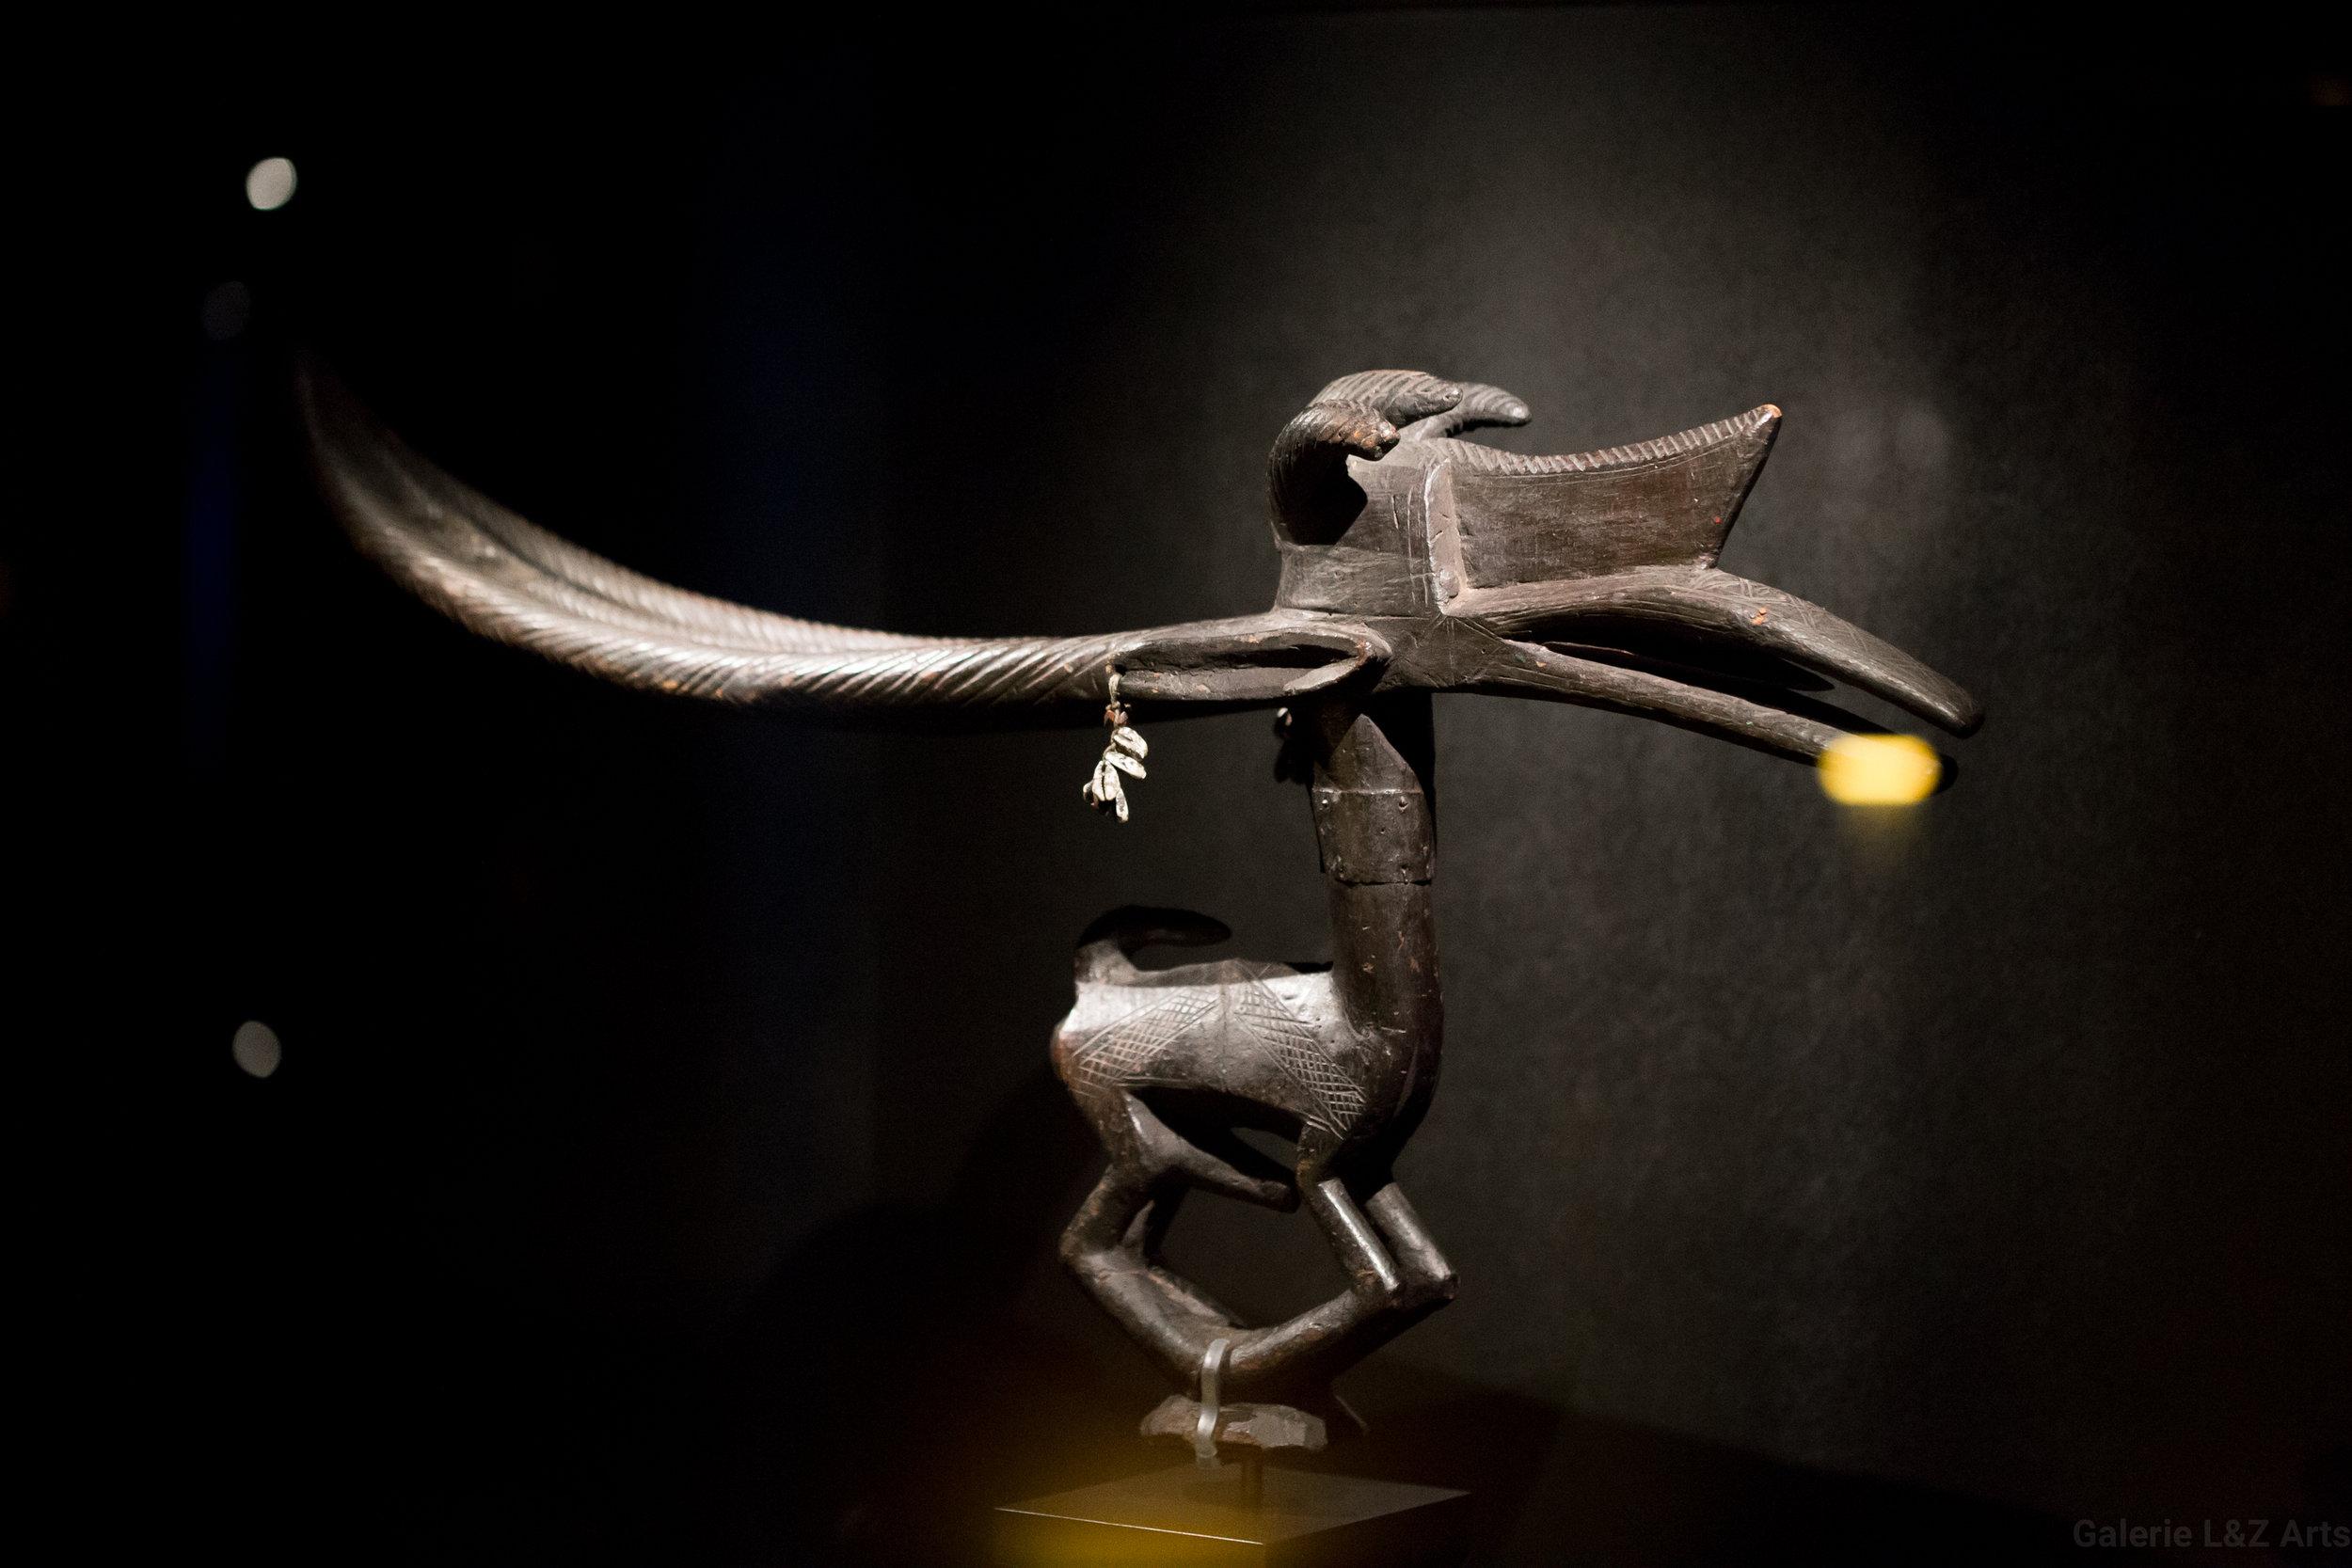 exposition-masque-art-tribal-africain-musee-quai-branly-belgique-galerie-lz-arts-liege-cite-miroir-oceanie-asie-japon-amerique-art-premier-nepal-15.jpg